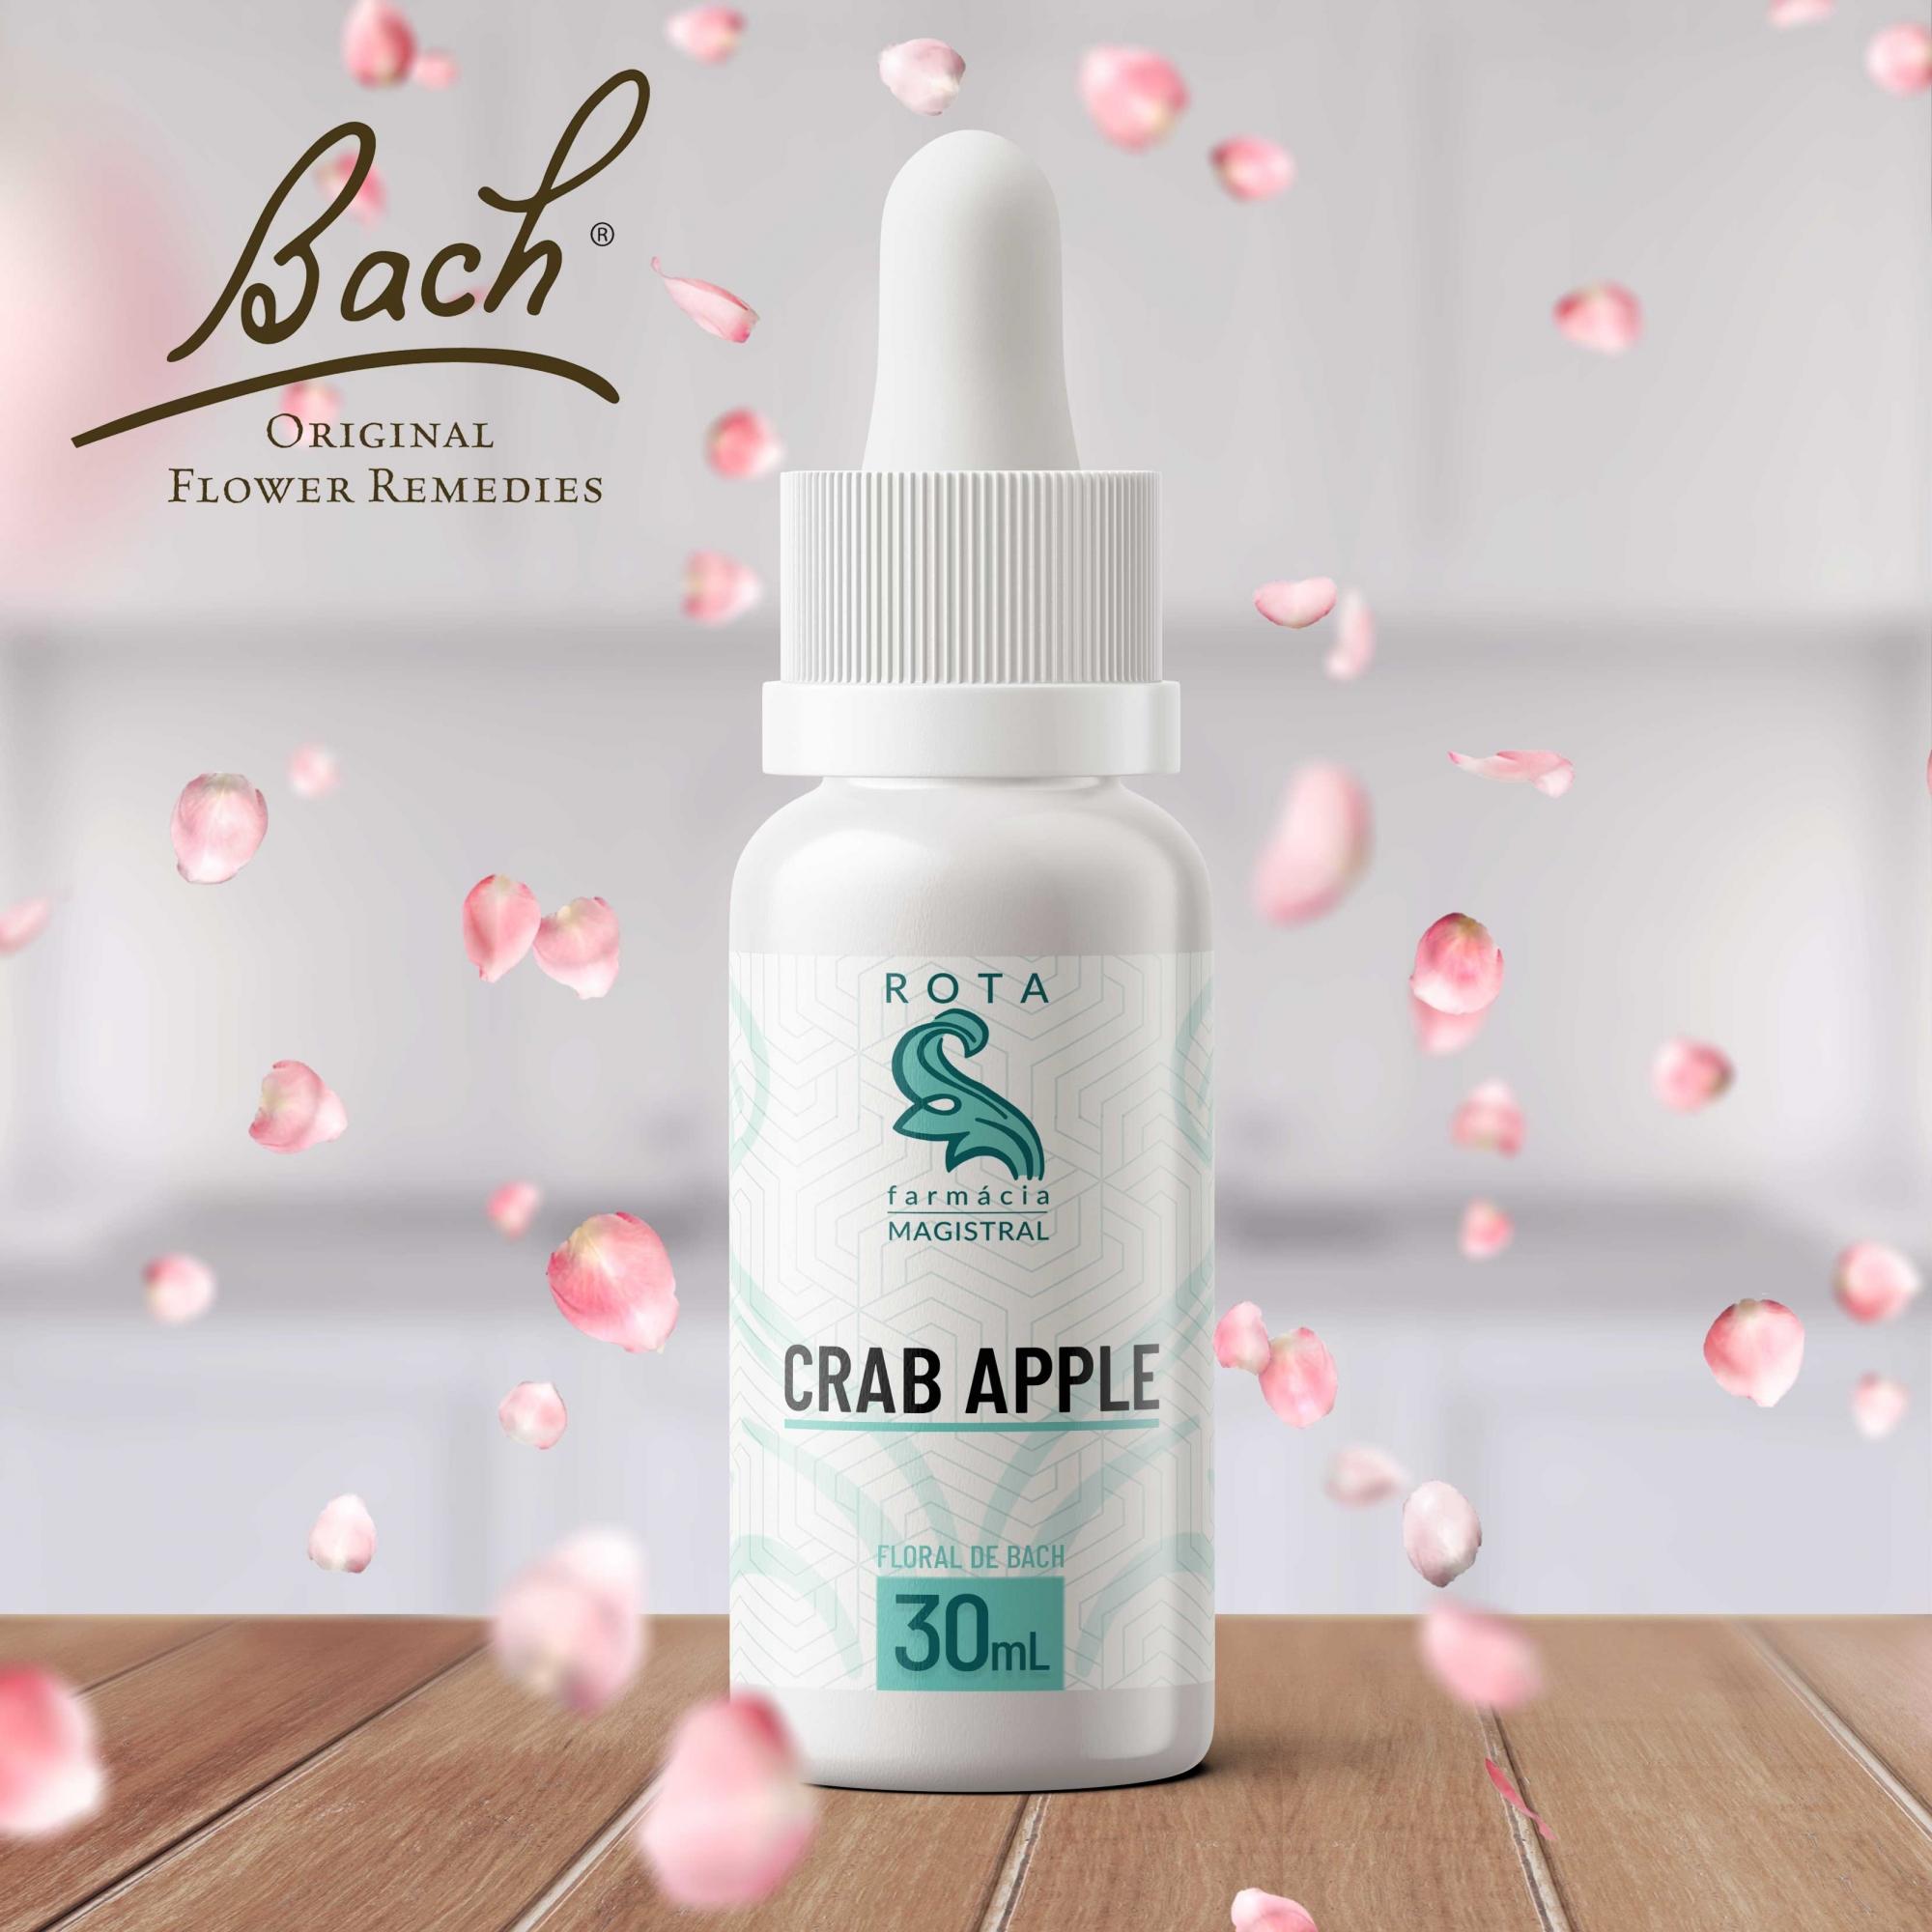 Floral de Bach - Crab apple 30mL